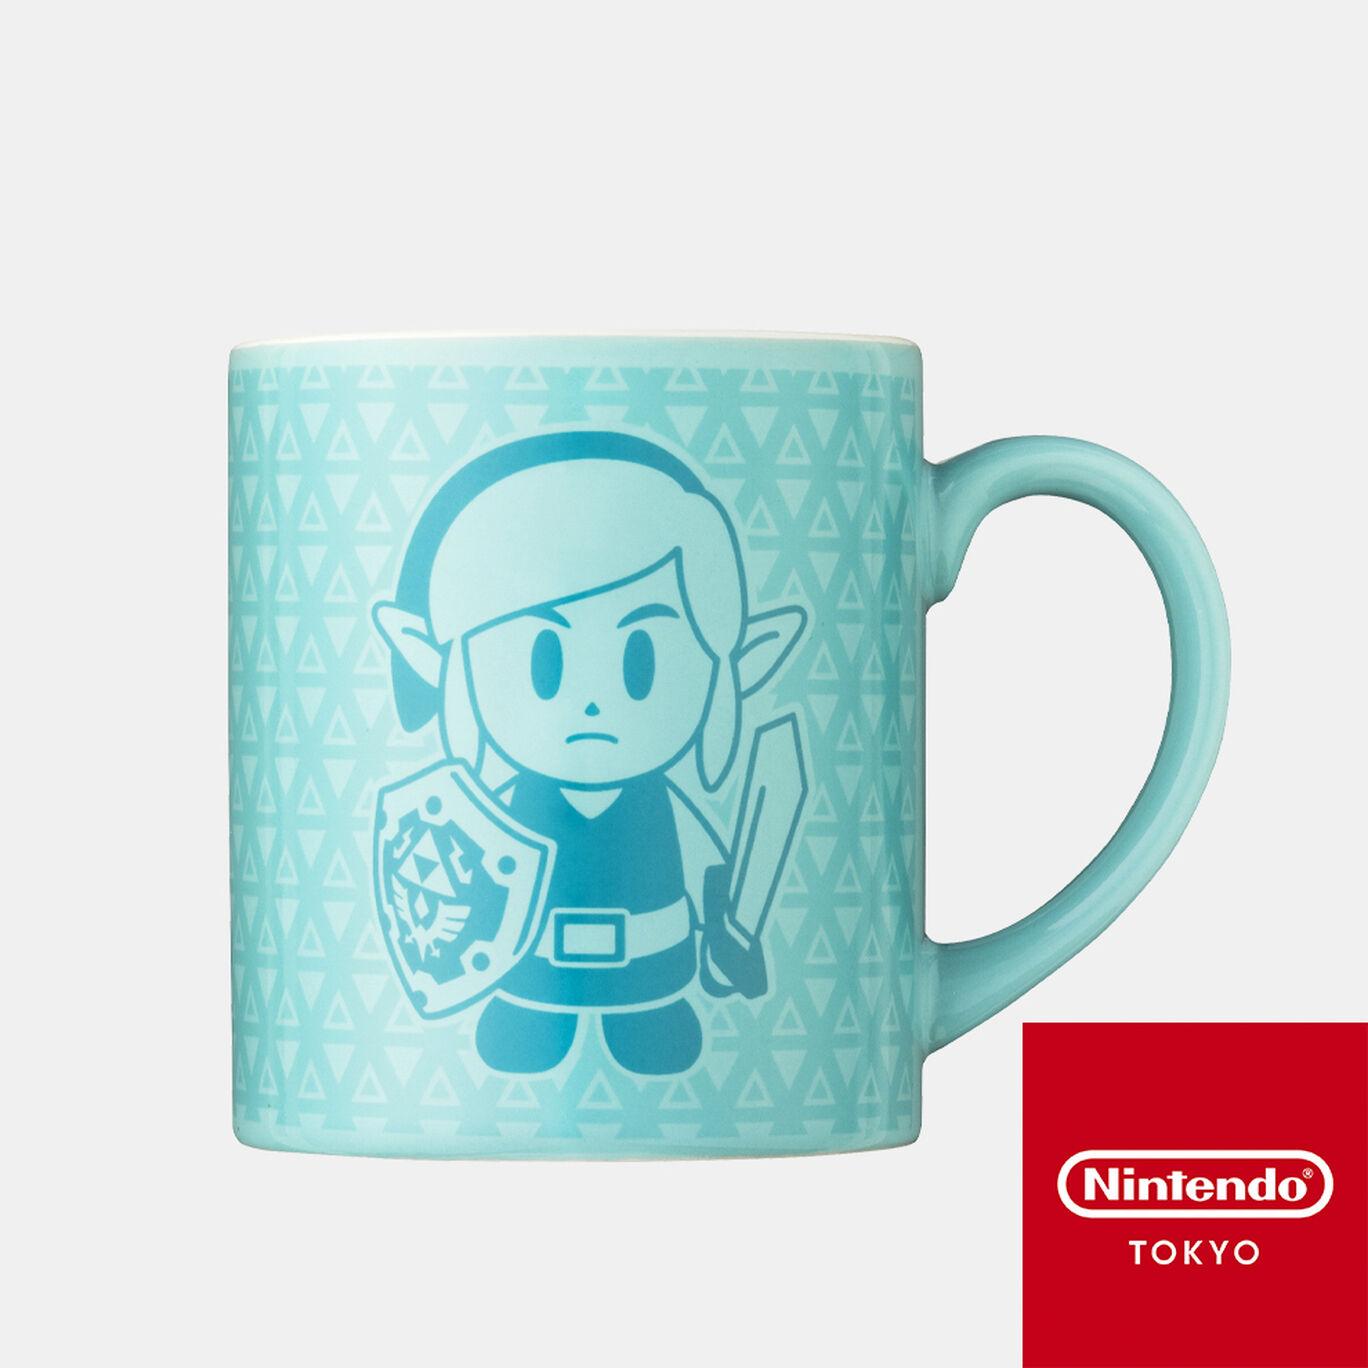 マグカップ ゼルダの伝説 夢をみる島【Nintendo TOKYO取り扱い商品】